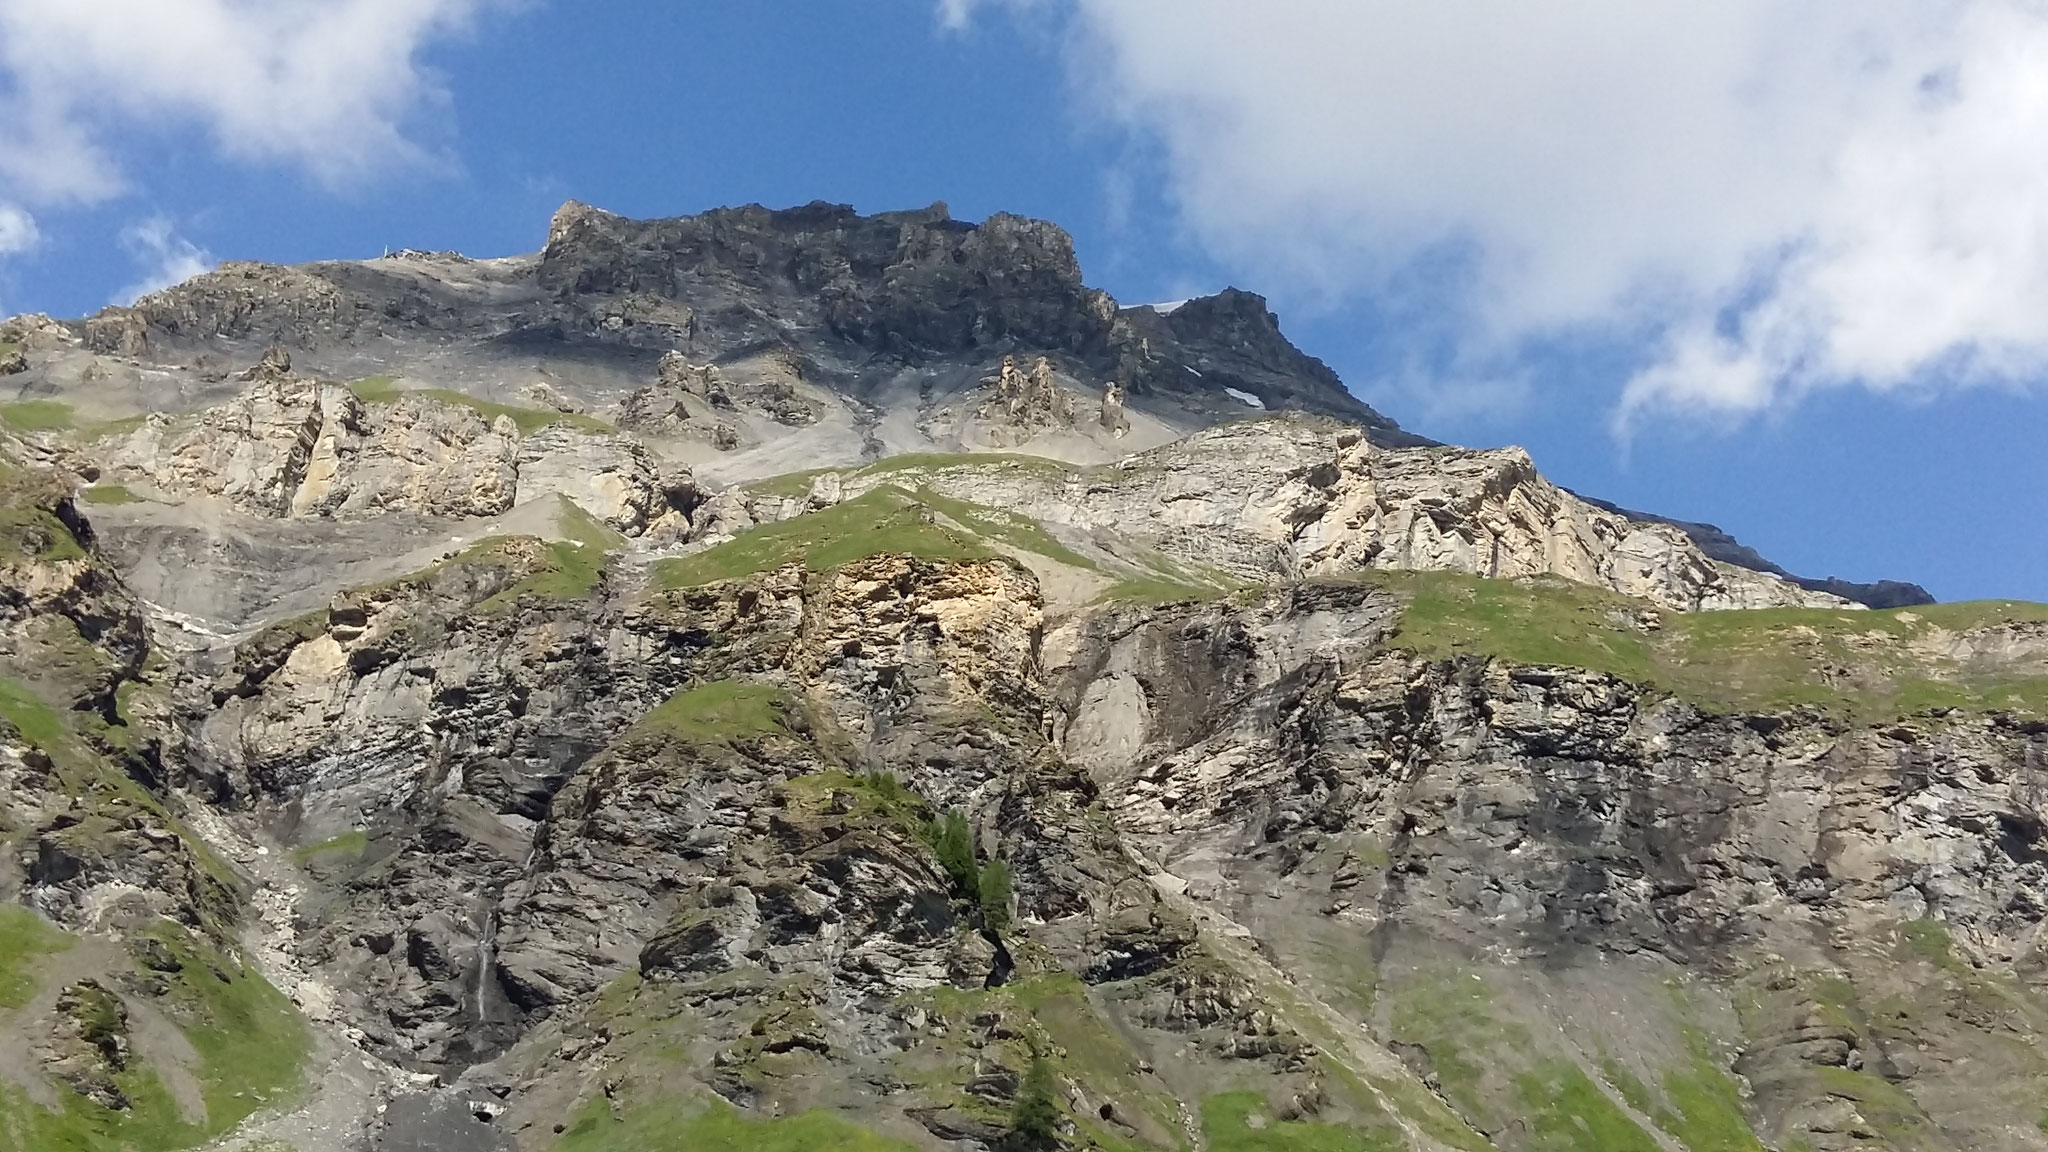 Auf diesen Berg geht es ganz sicher nicht, ich bin nicht schwindelfrei.